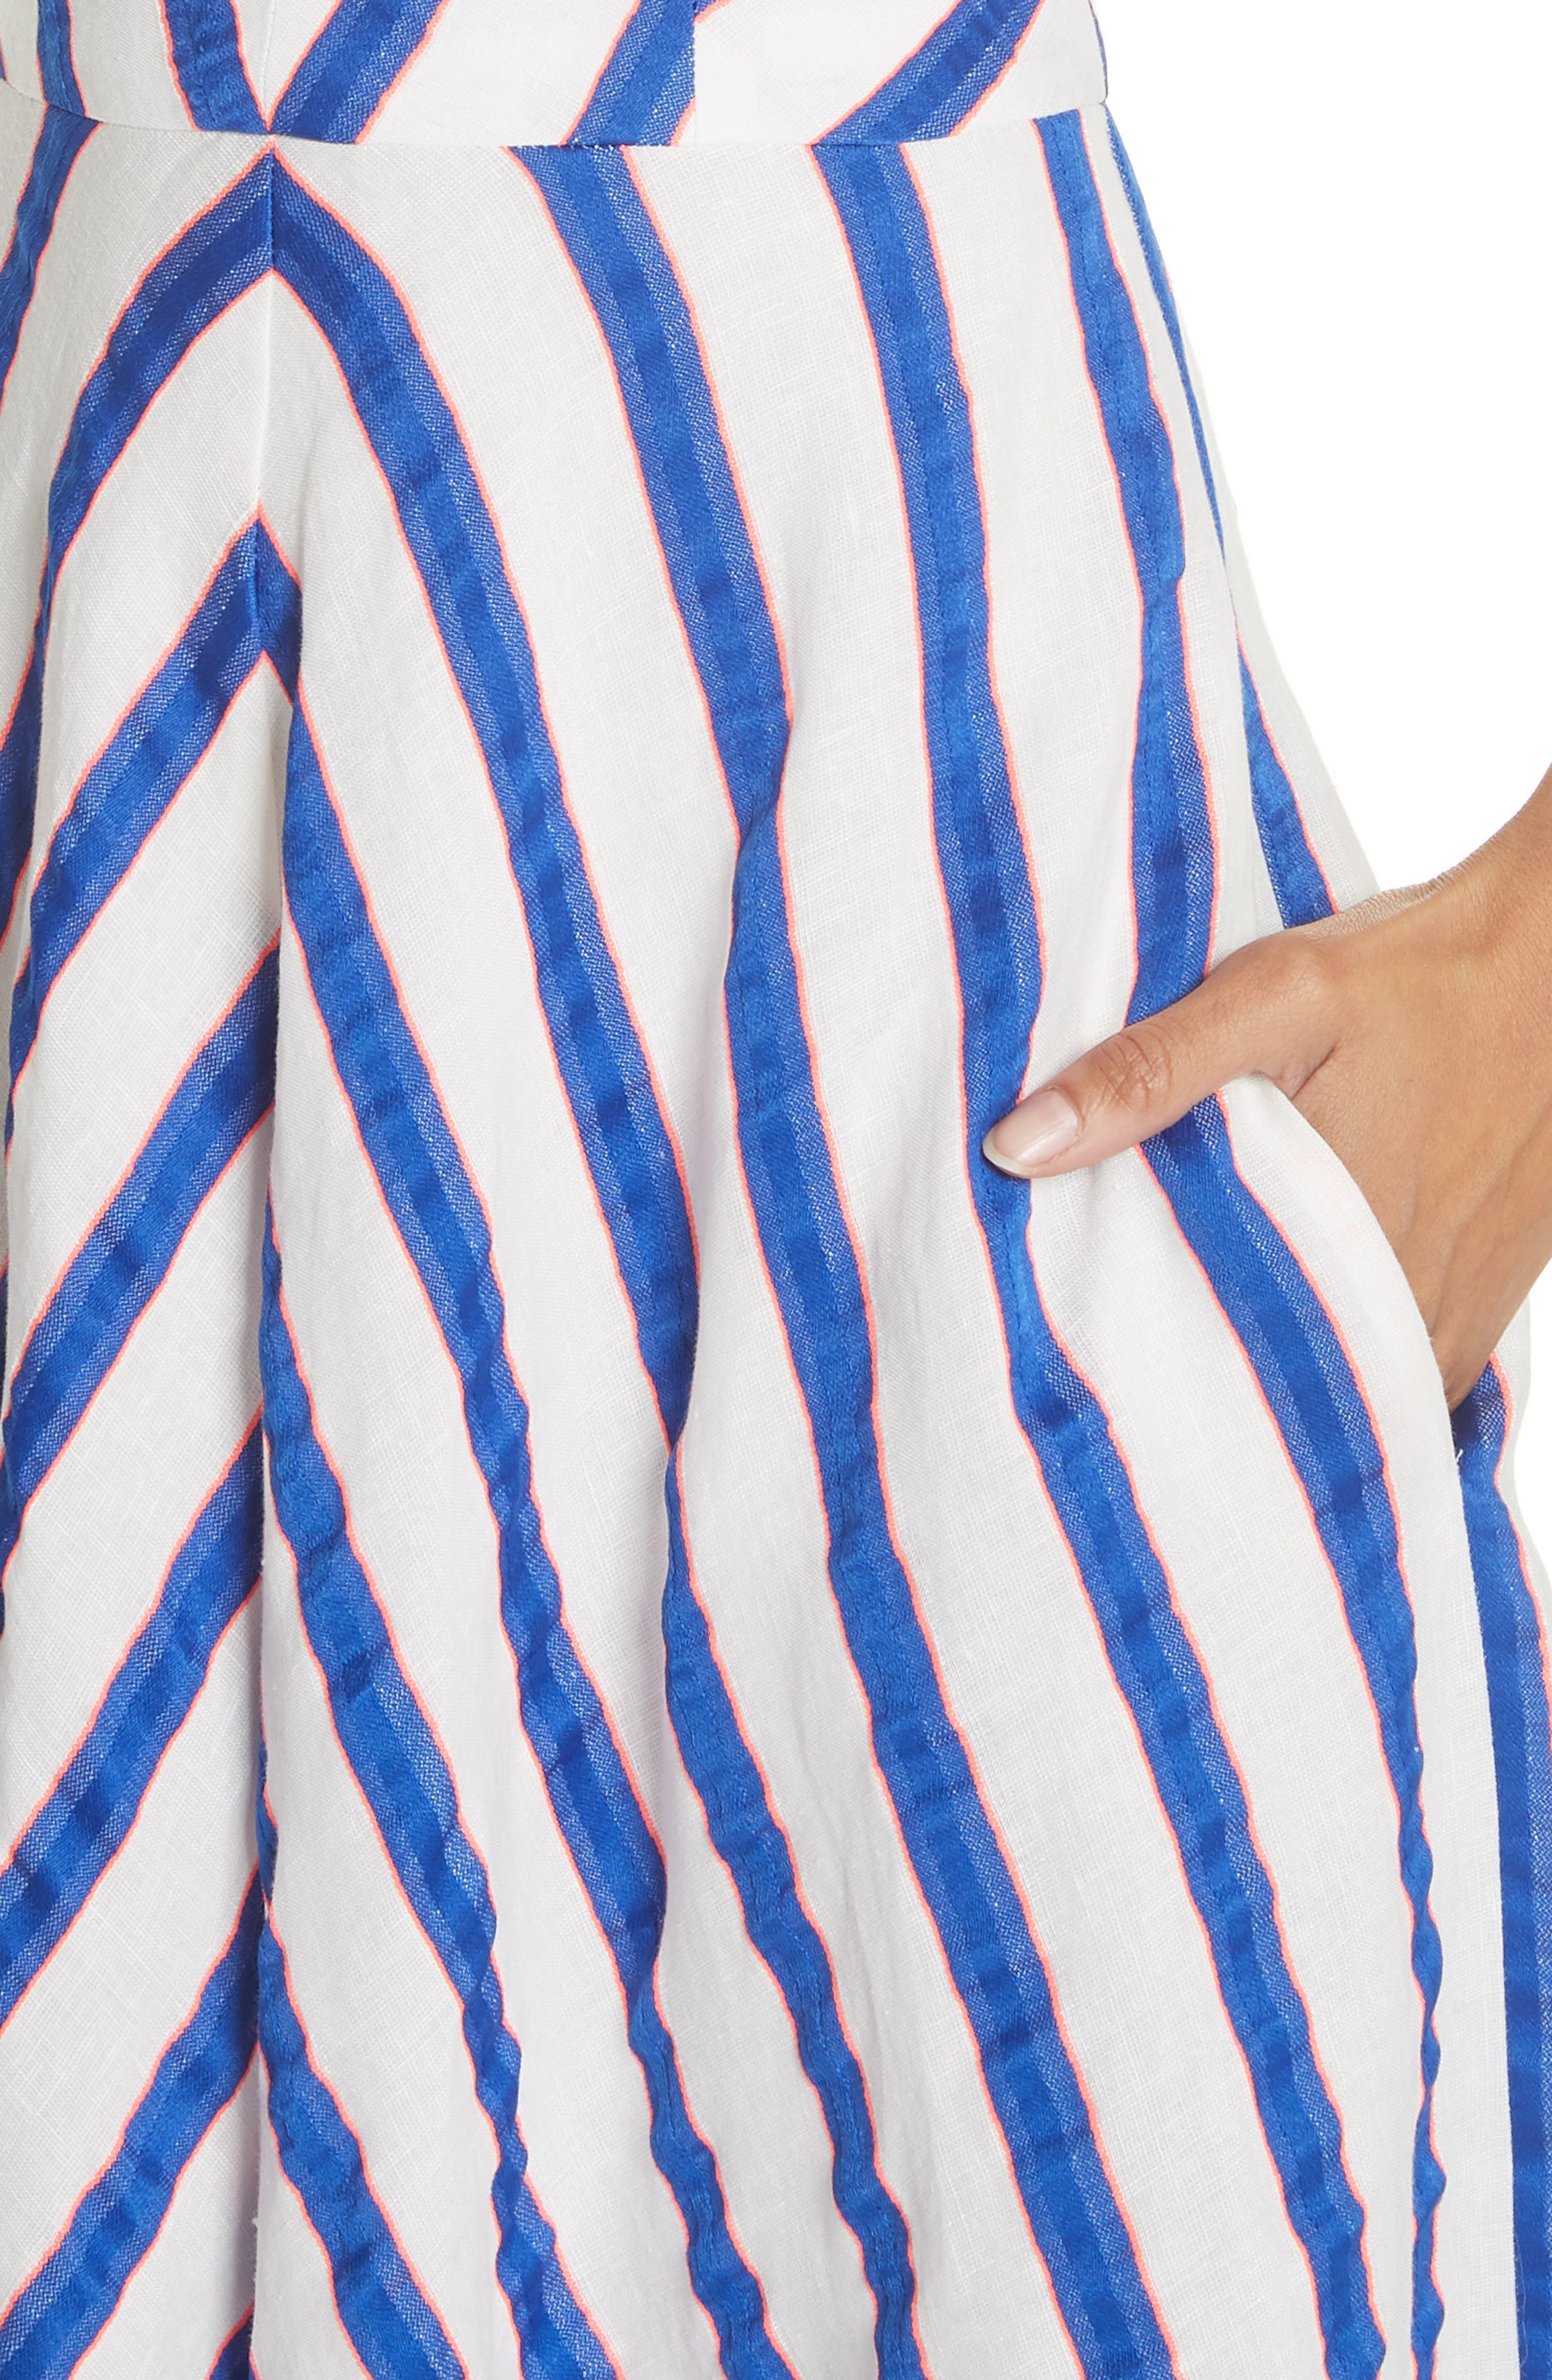 Stripe Washed Linen Blend Sundress,                             Alternate thumbnail 4, color,                             Cobalt